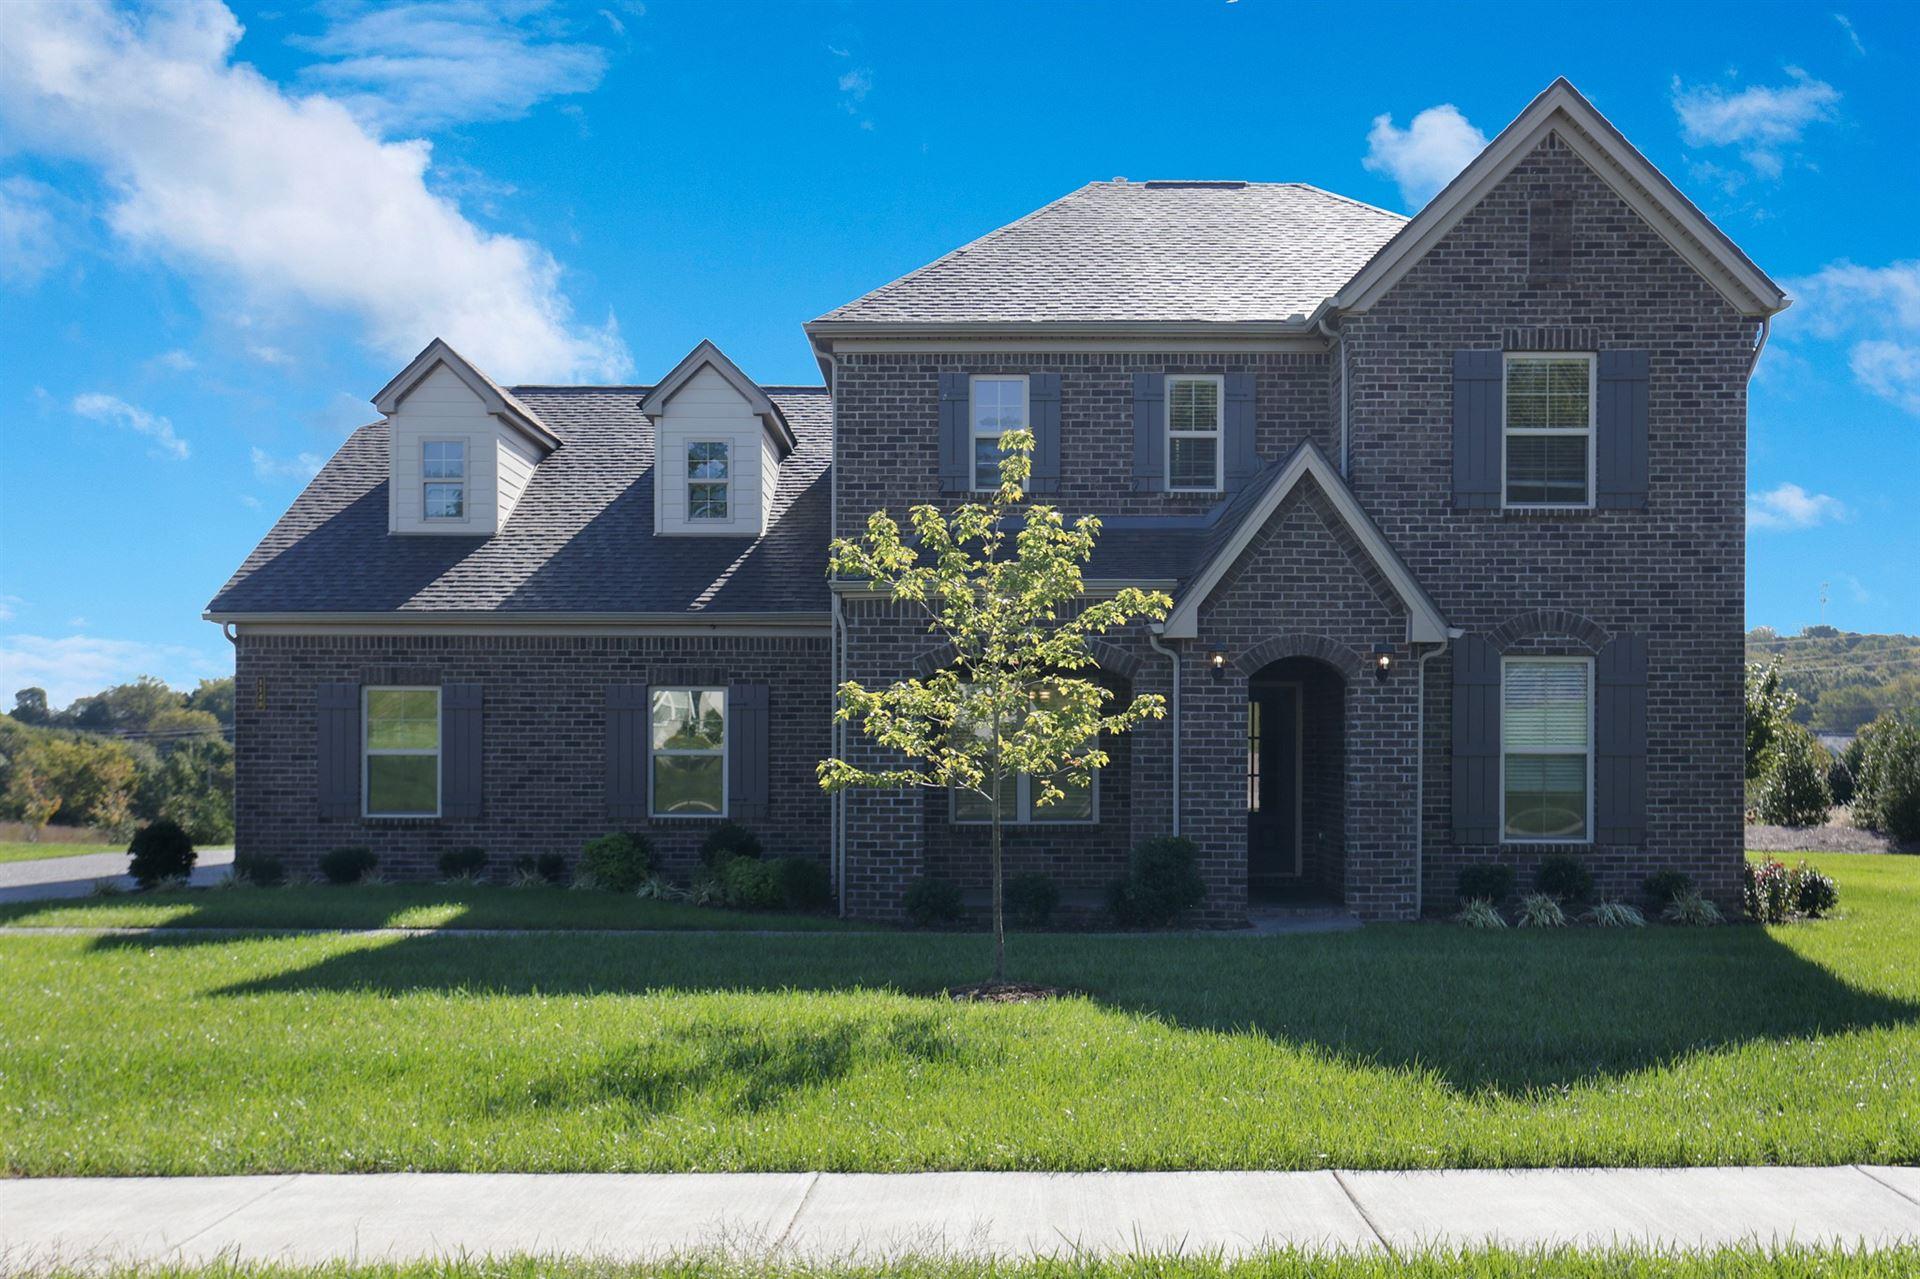 1148 Madison Mill Dr, Nolensville, TN 37135 - MLS#: 2302262